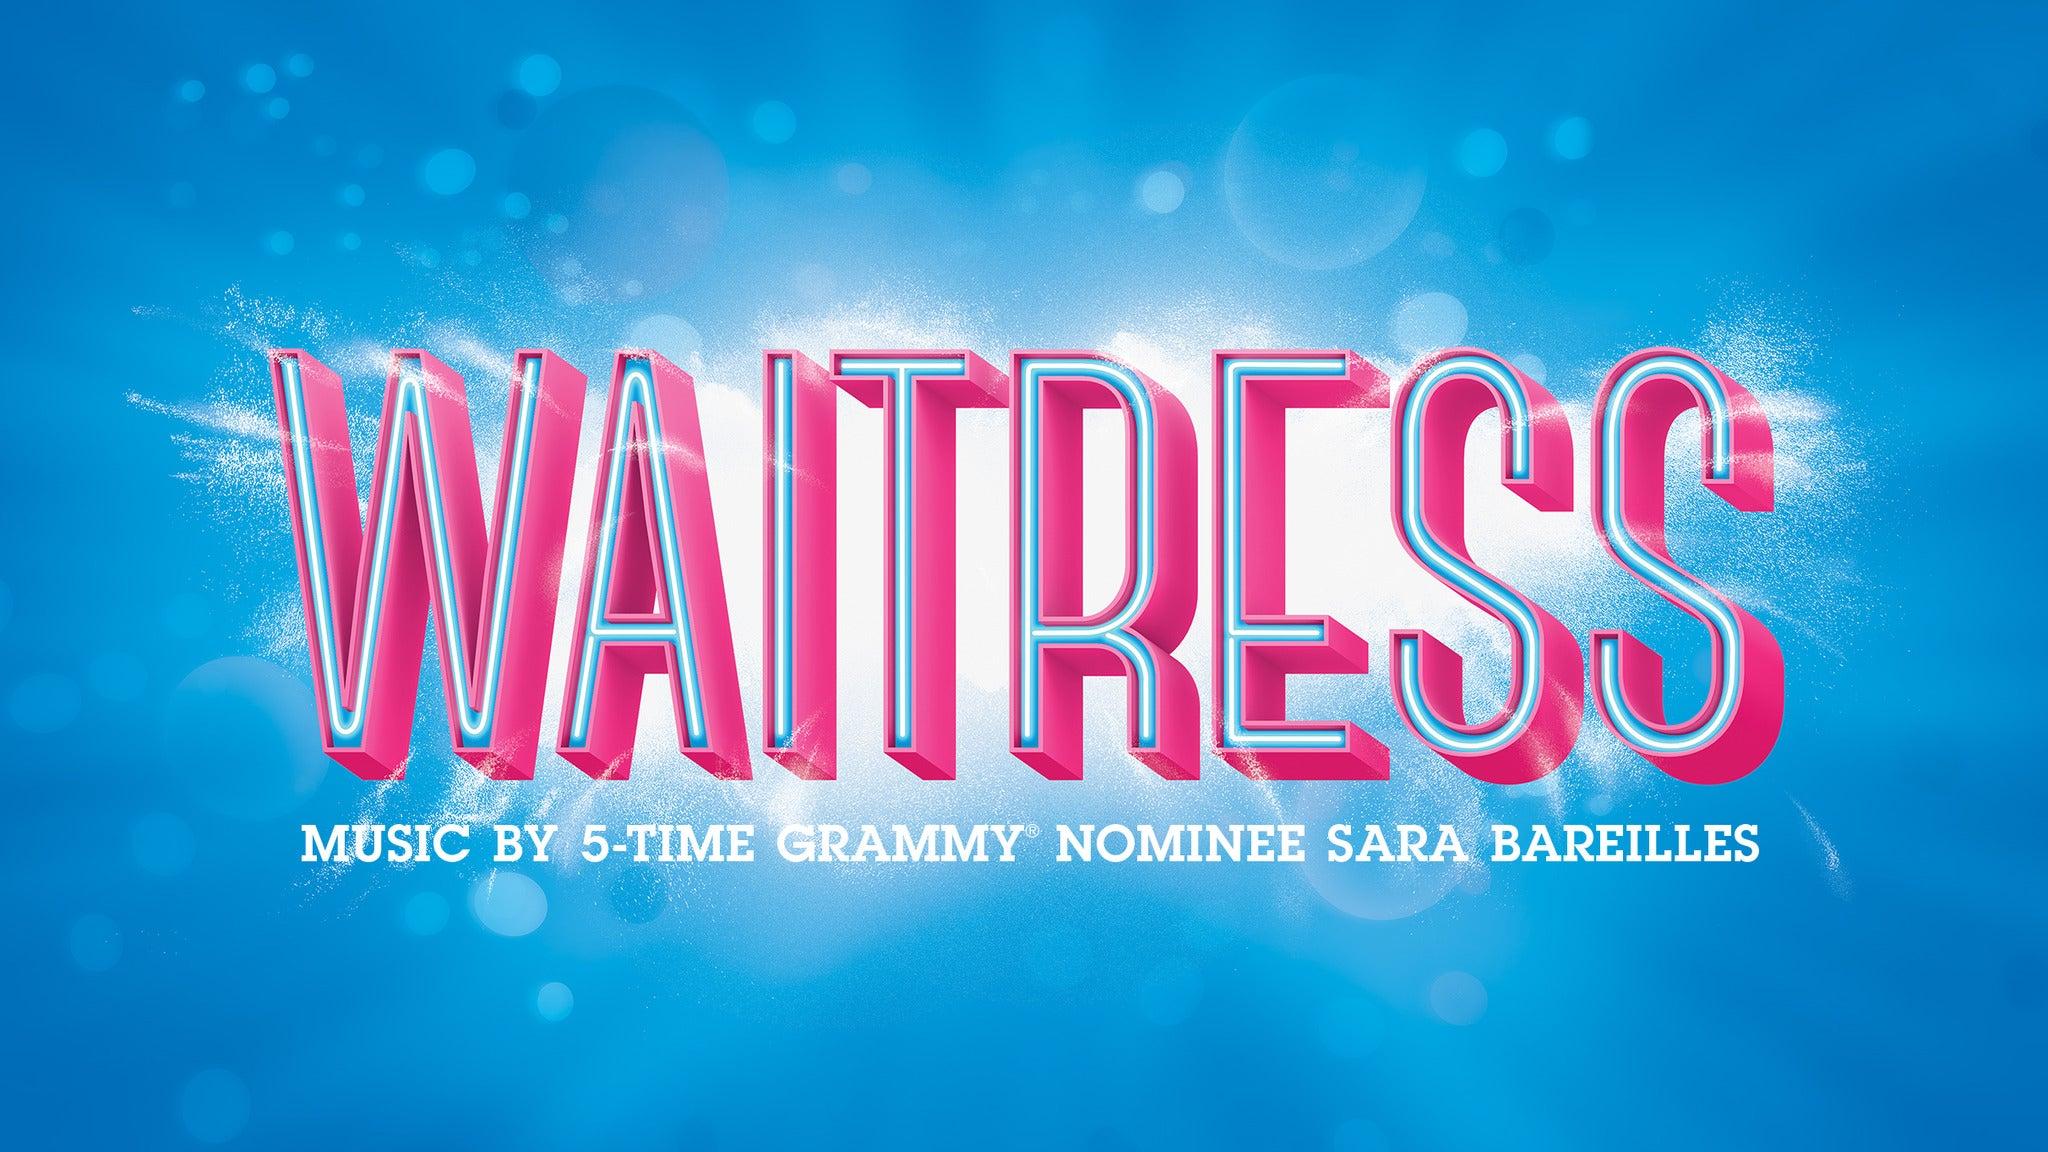 Waitress (NY), starring Sara Bareilles